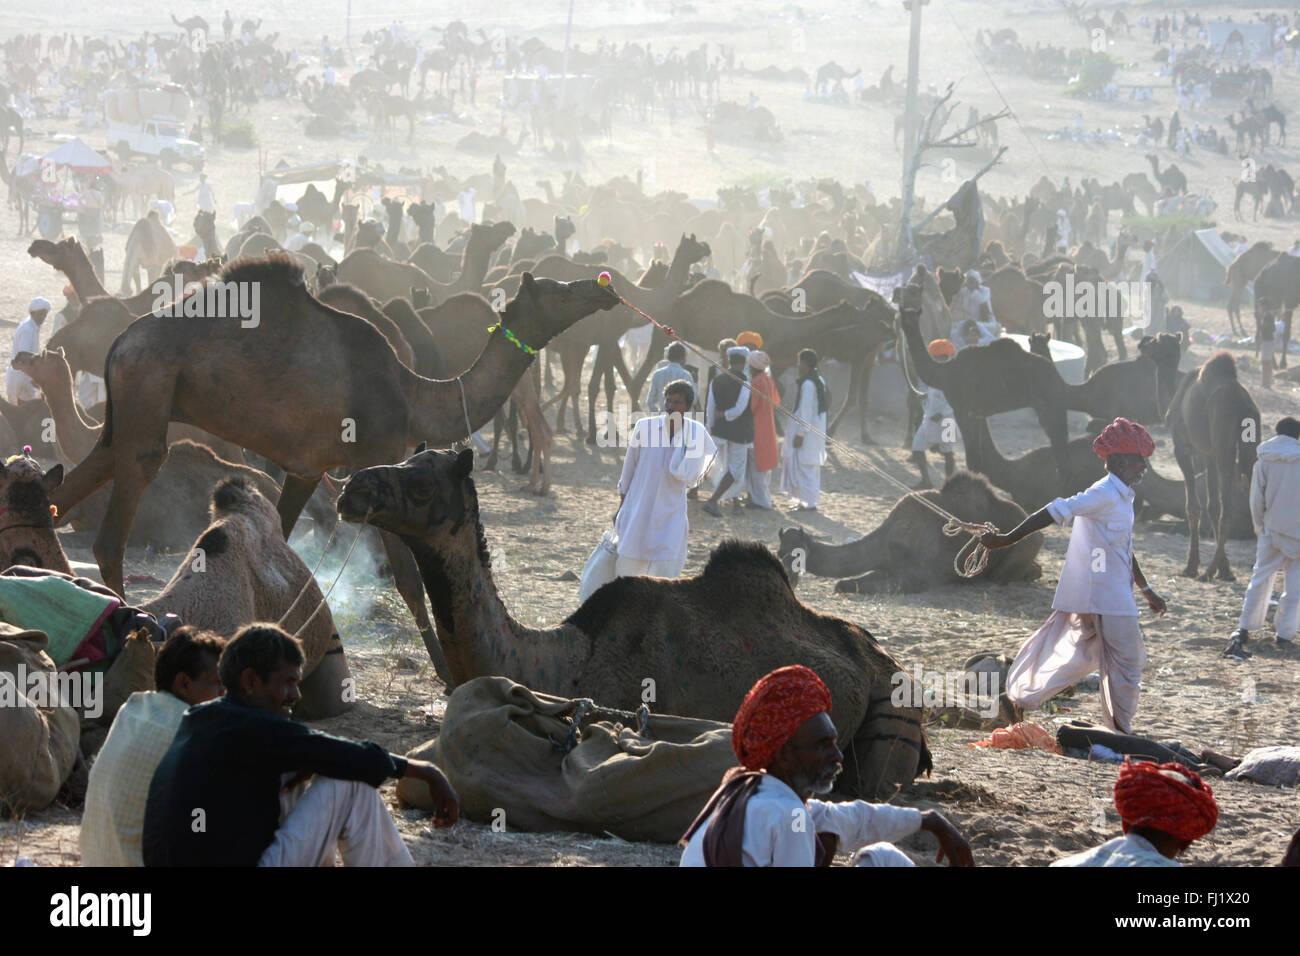 Rajasthani Camel drivers on the mela ground during Pushkar mela, India - Stock Image